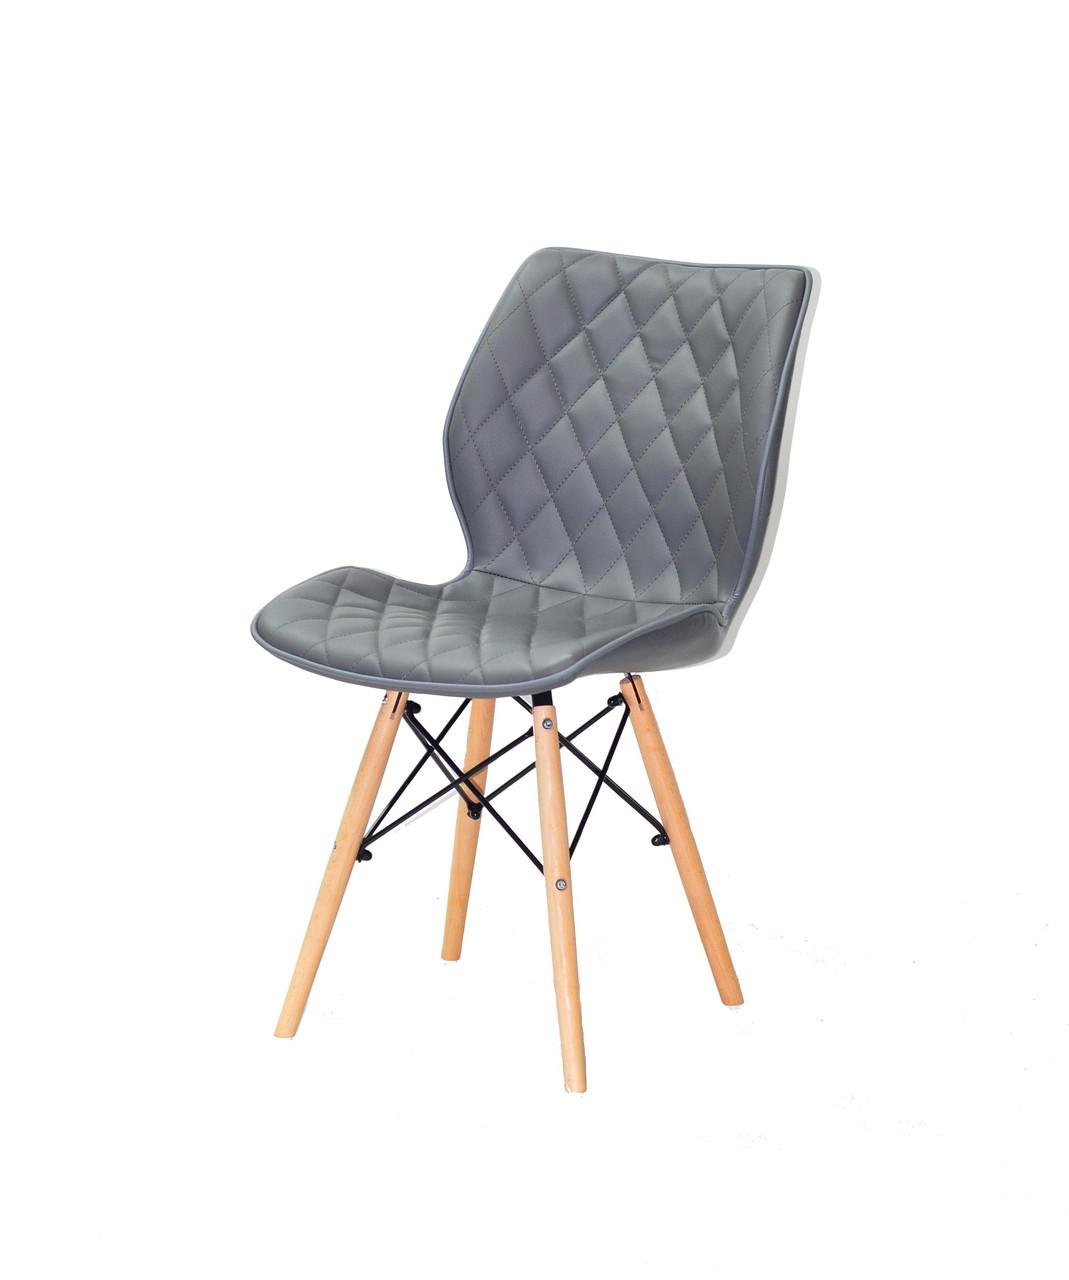 Обеденный стул на деревянных ножках из эко кожи серого цвета Nolan